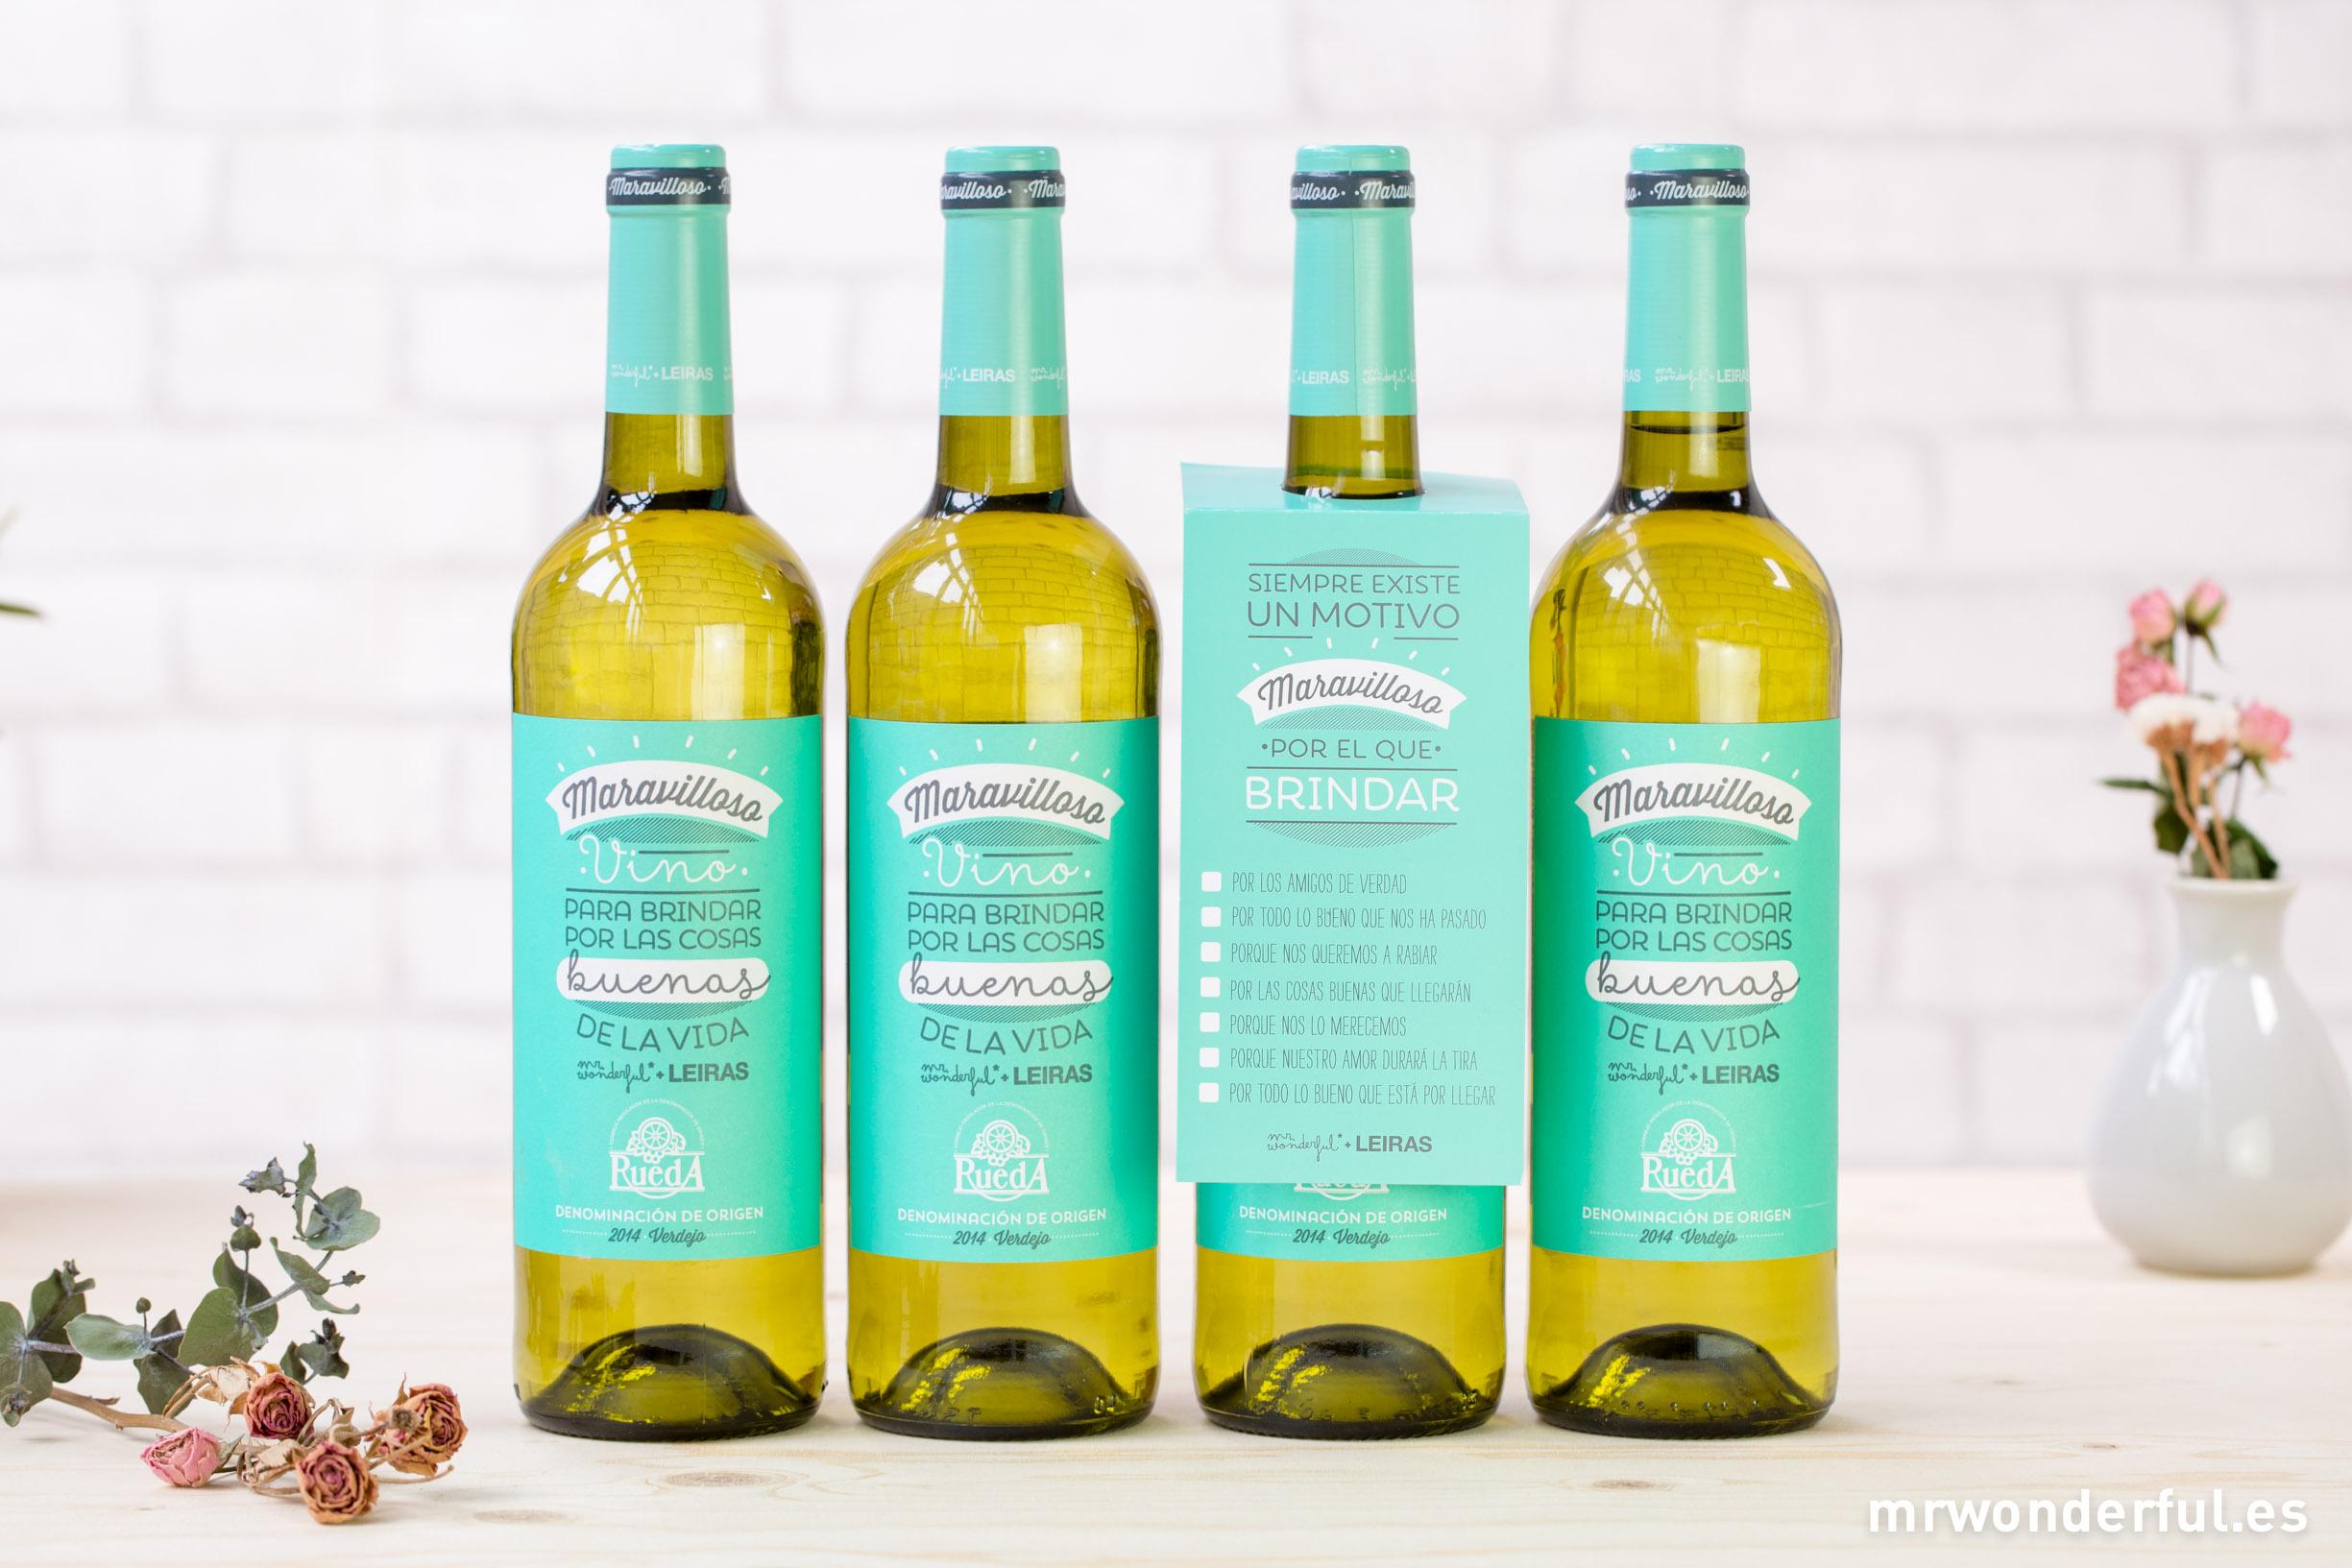 mrwonderful_codorniu_vinos-maravillosos_2015_Bodegon-33-Editar